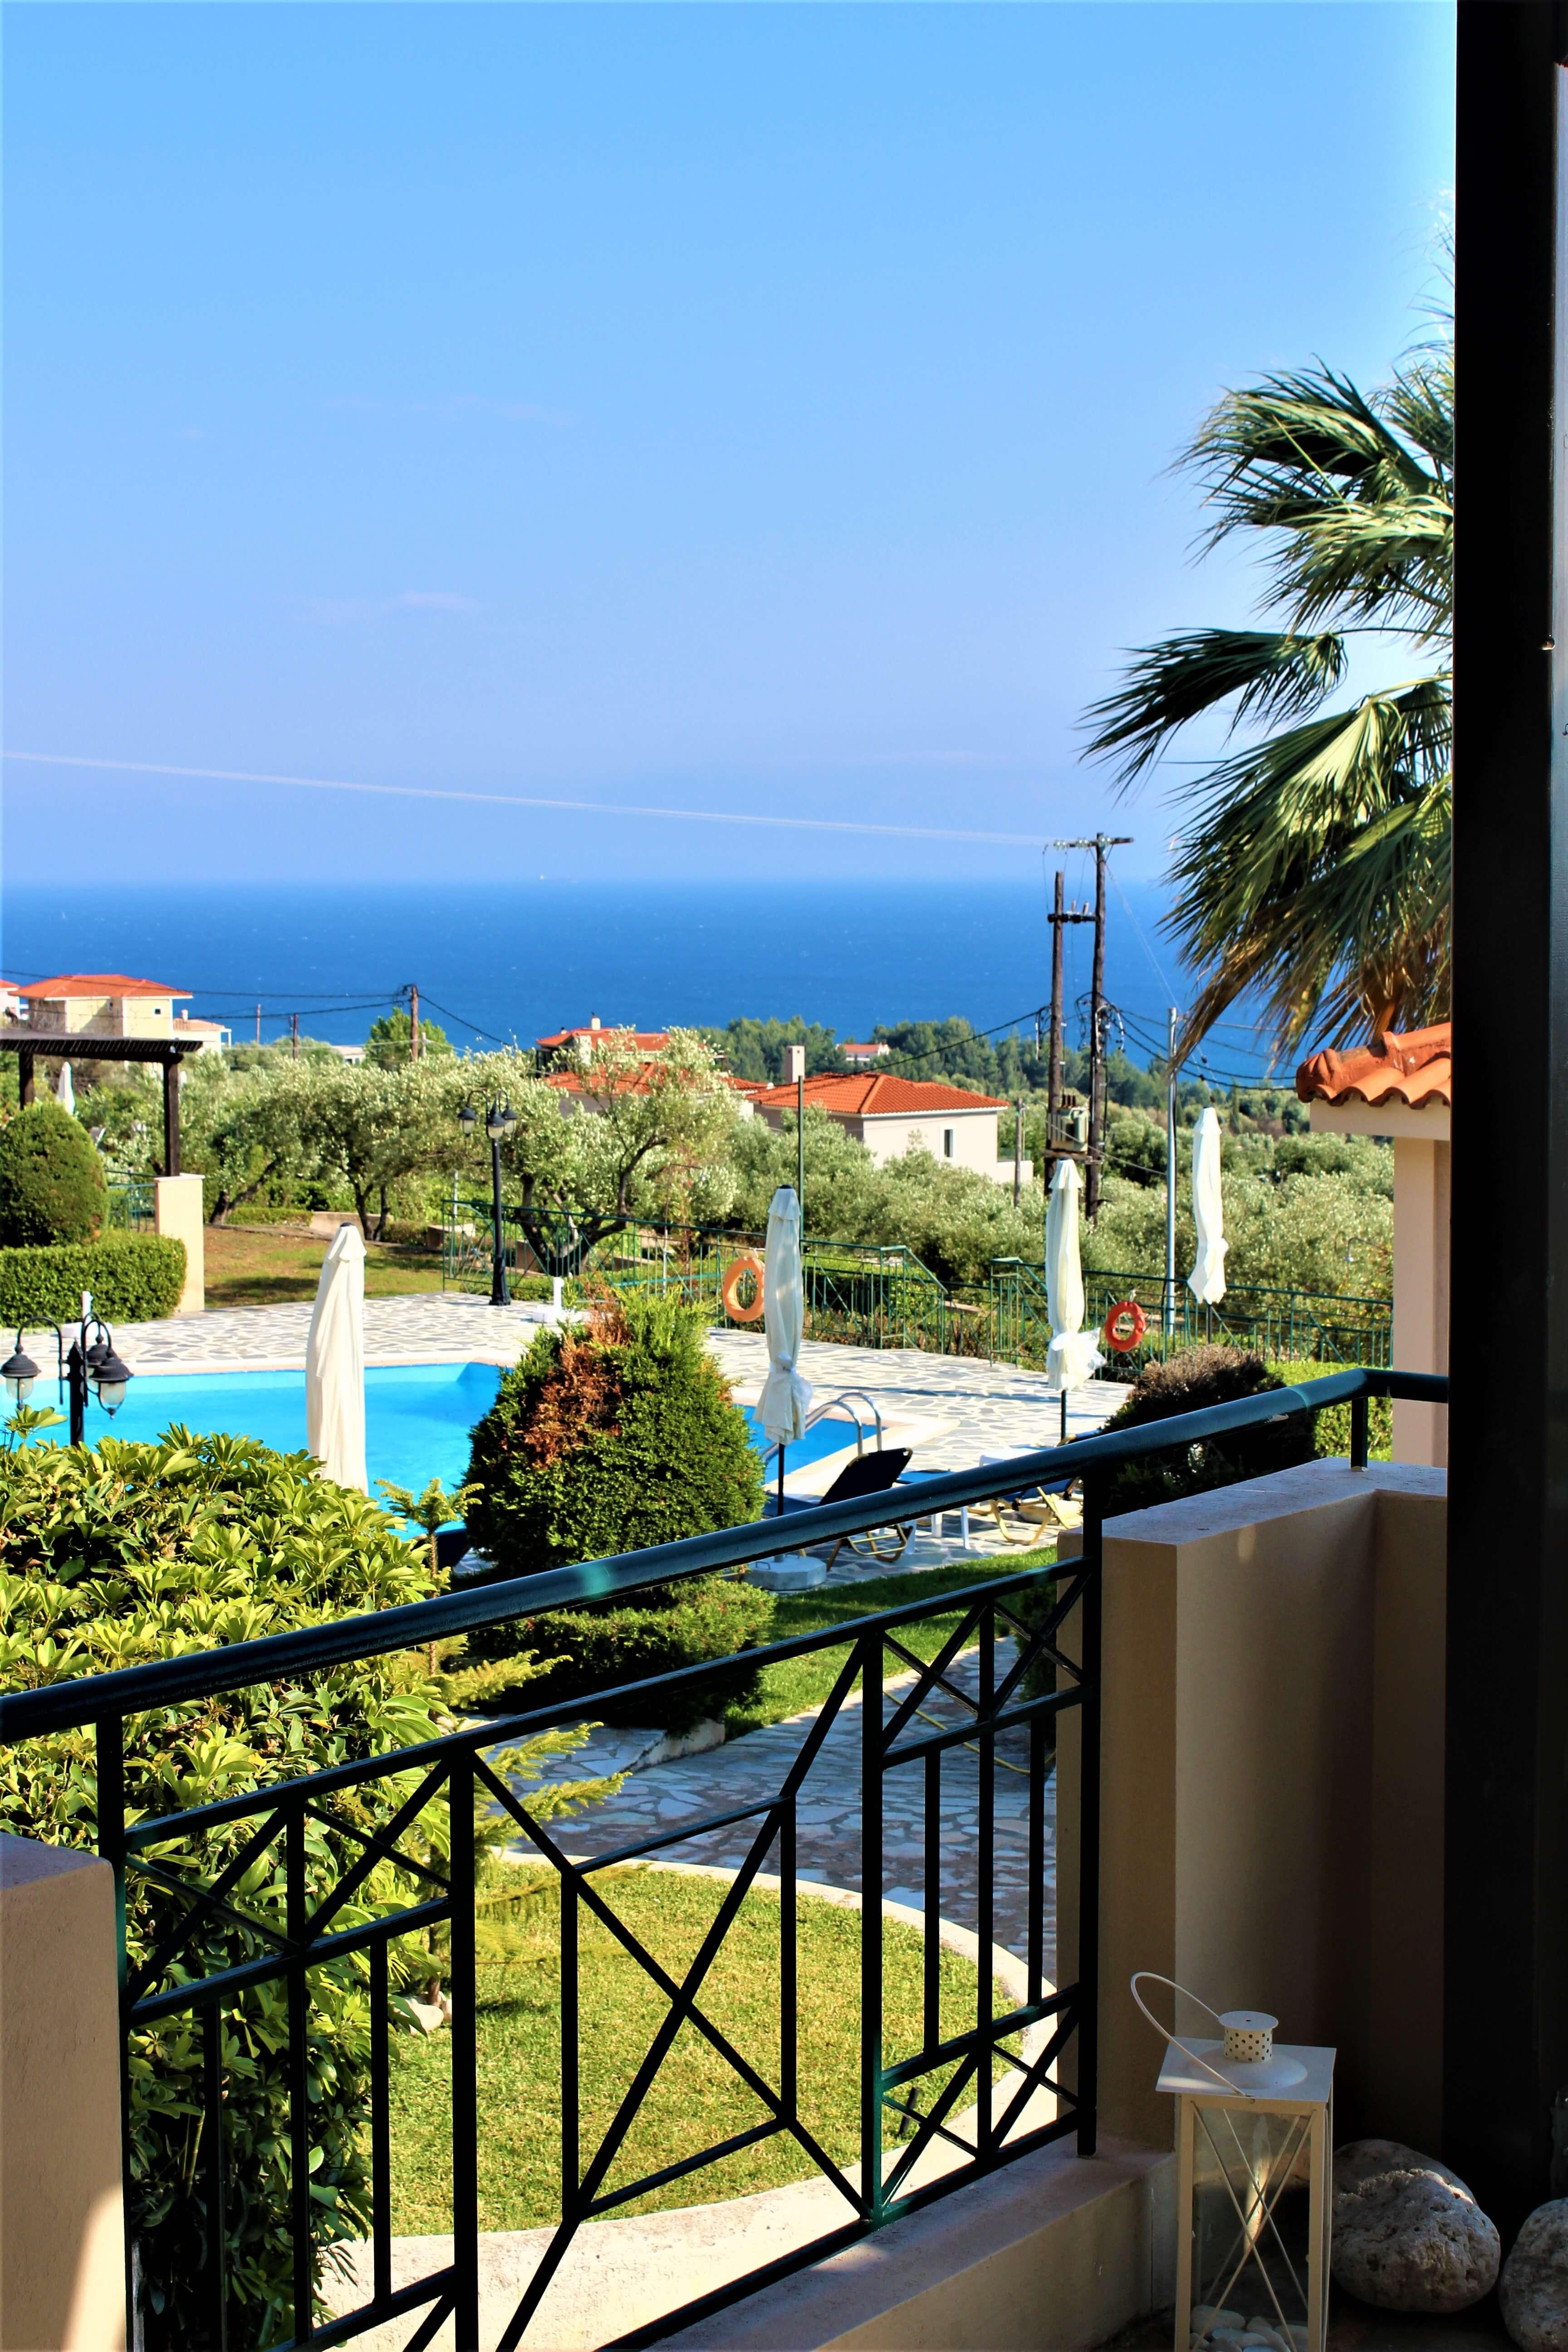 Oneira Villas balcony